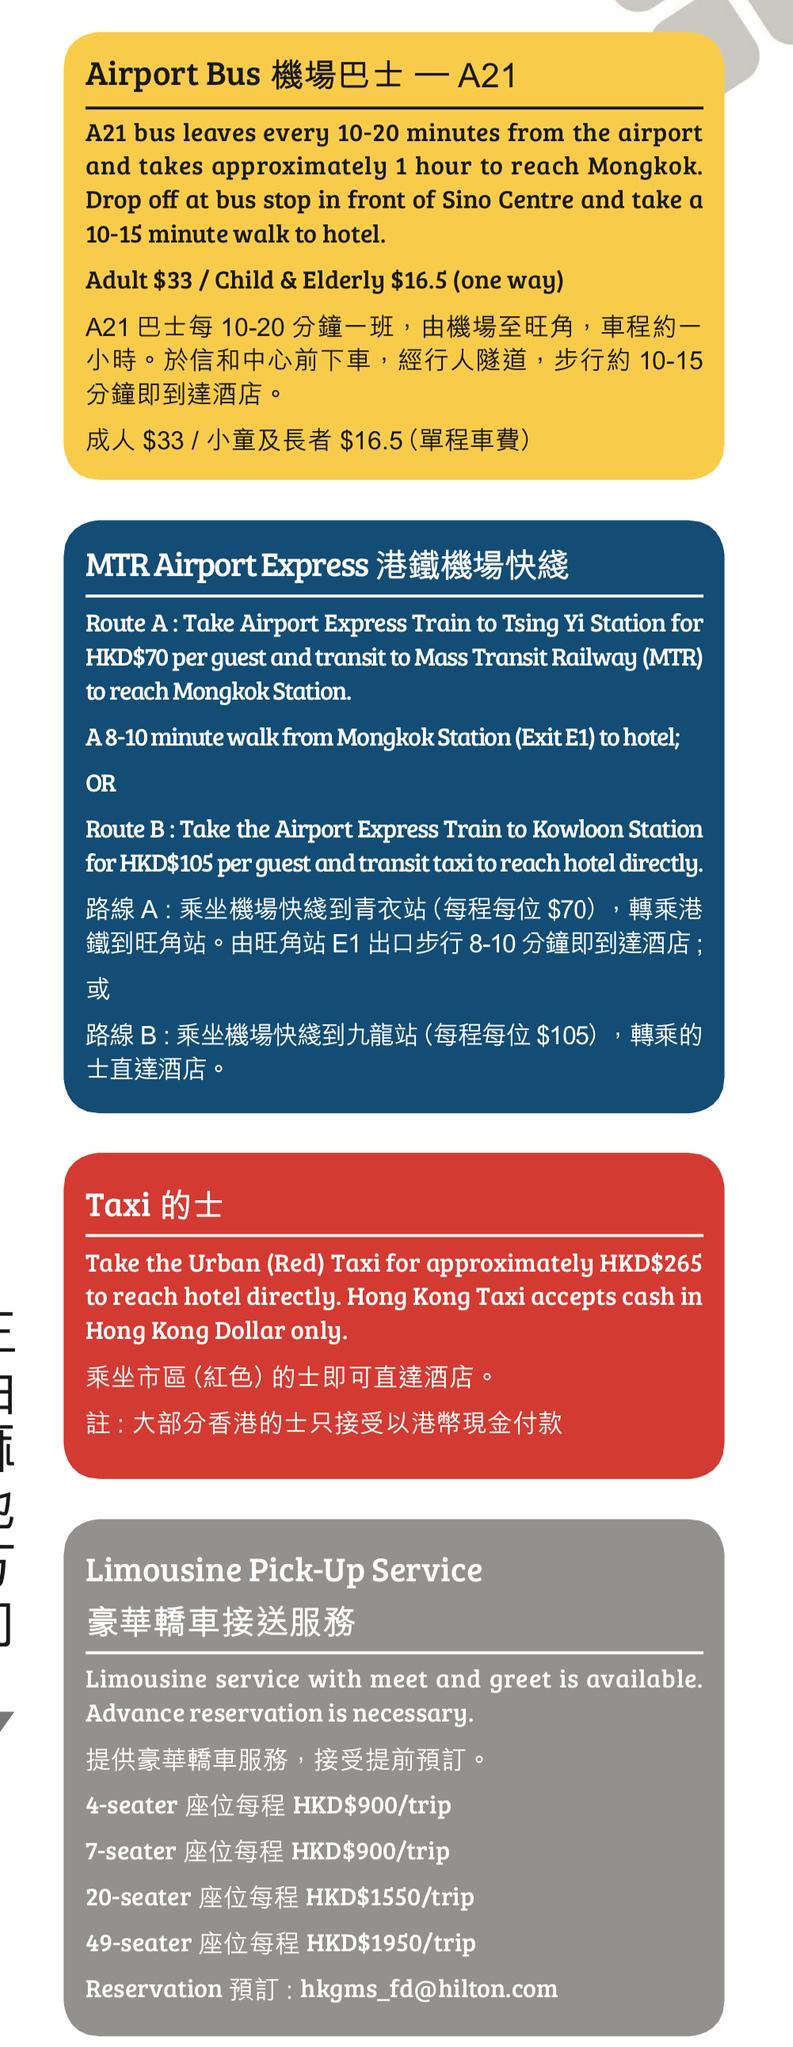 How to get to the Hilton Garden Inn Hong Kong Mongkok